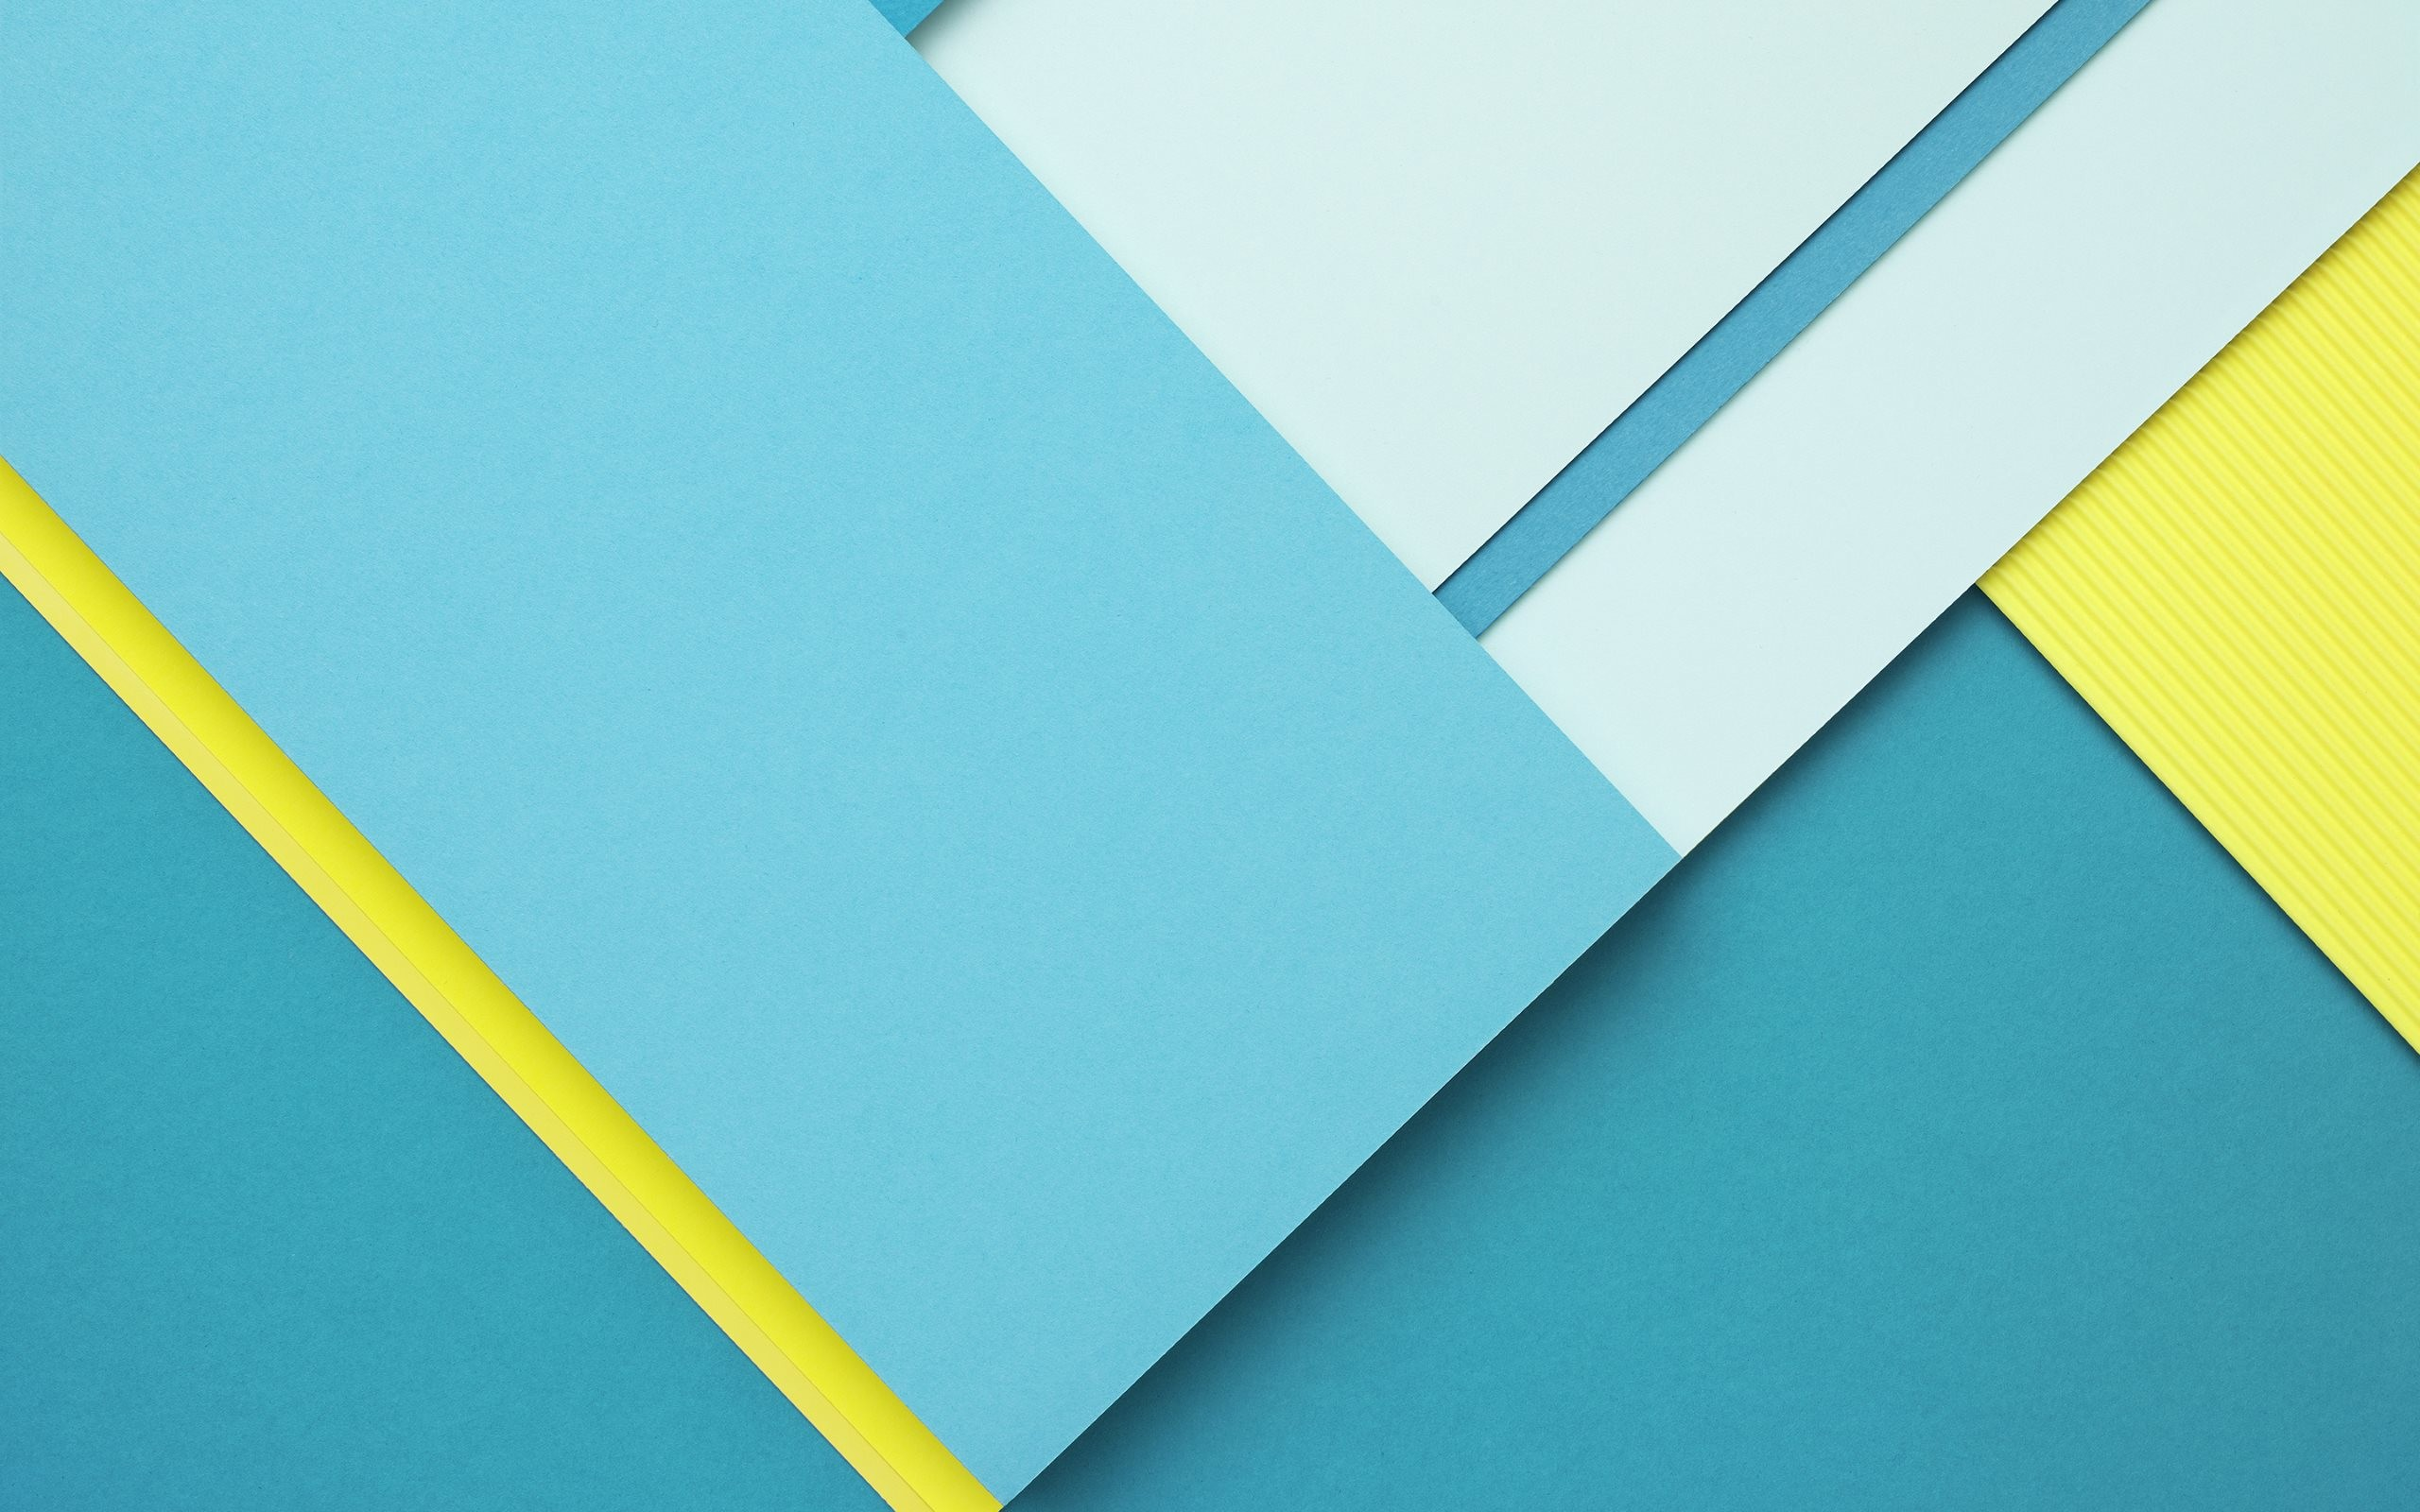 4k material wallpaper 79 images for Material design wallpaper 4k